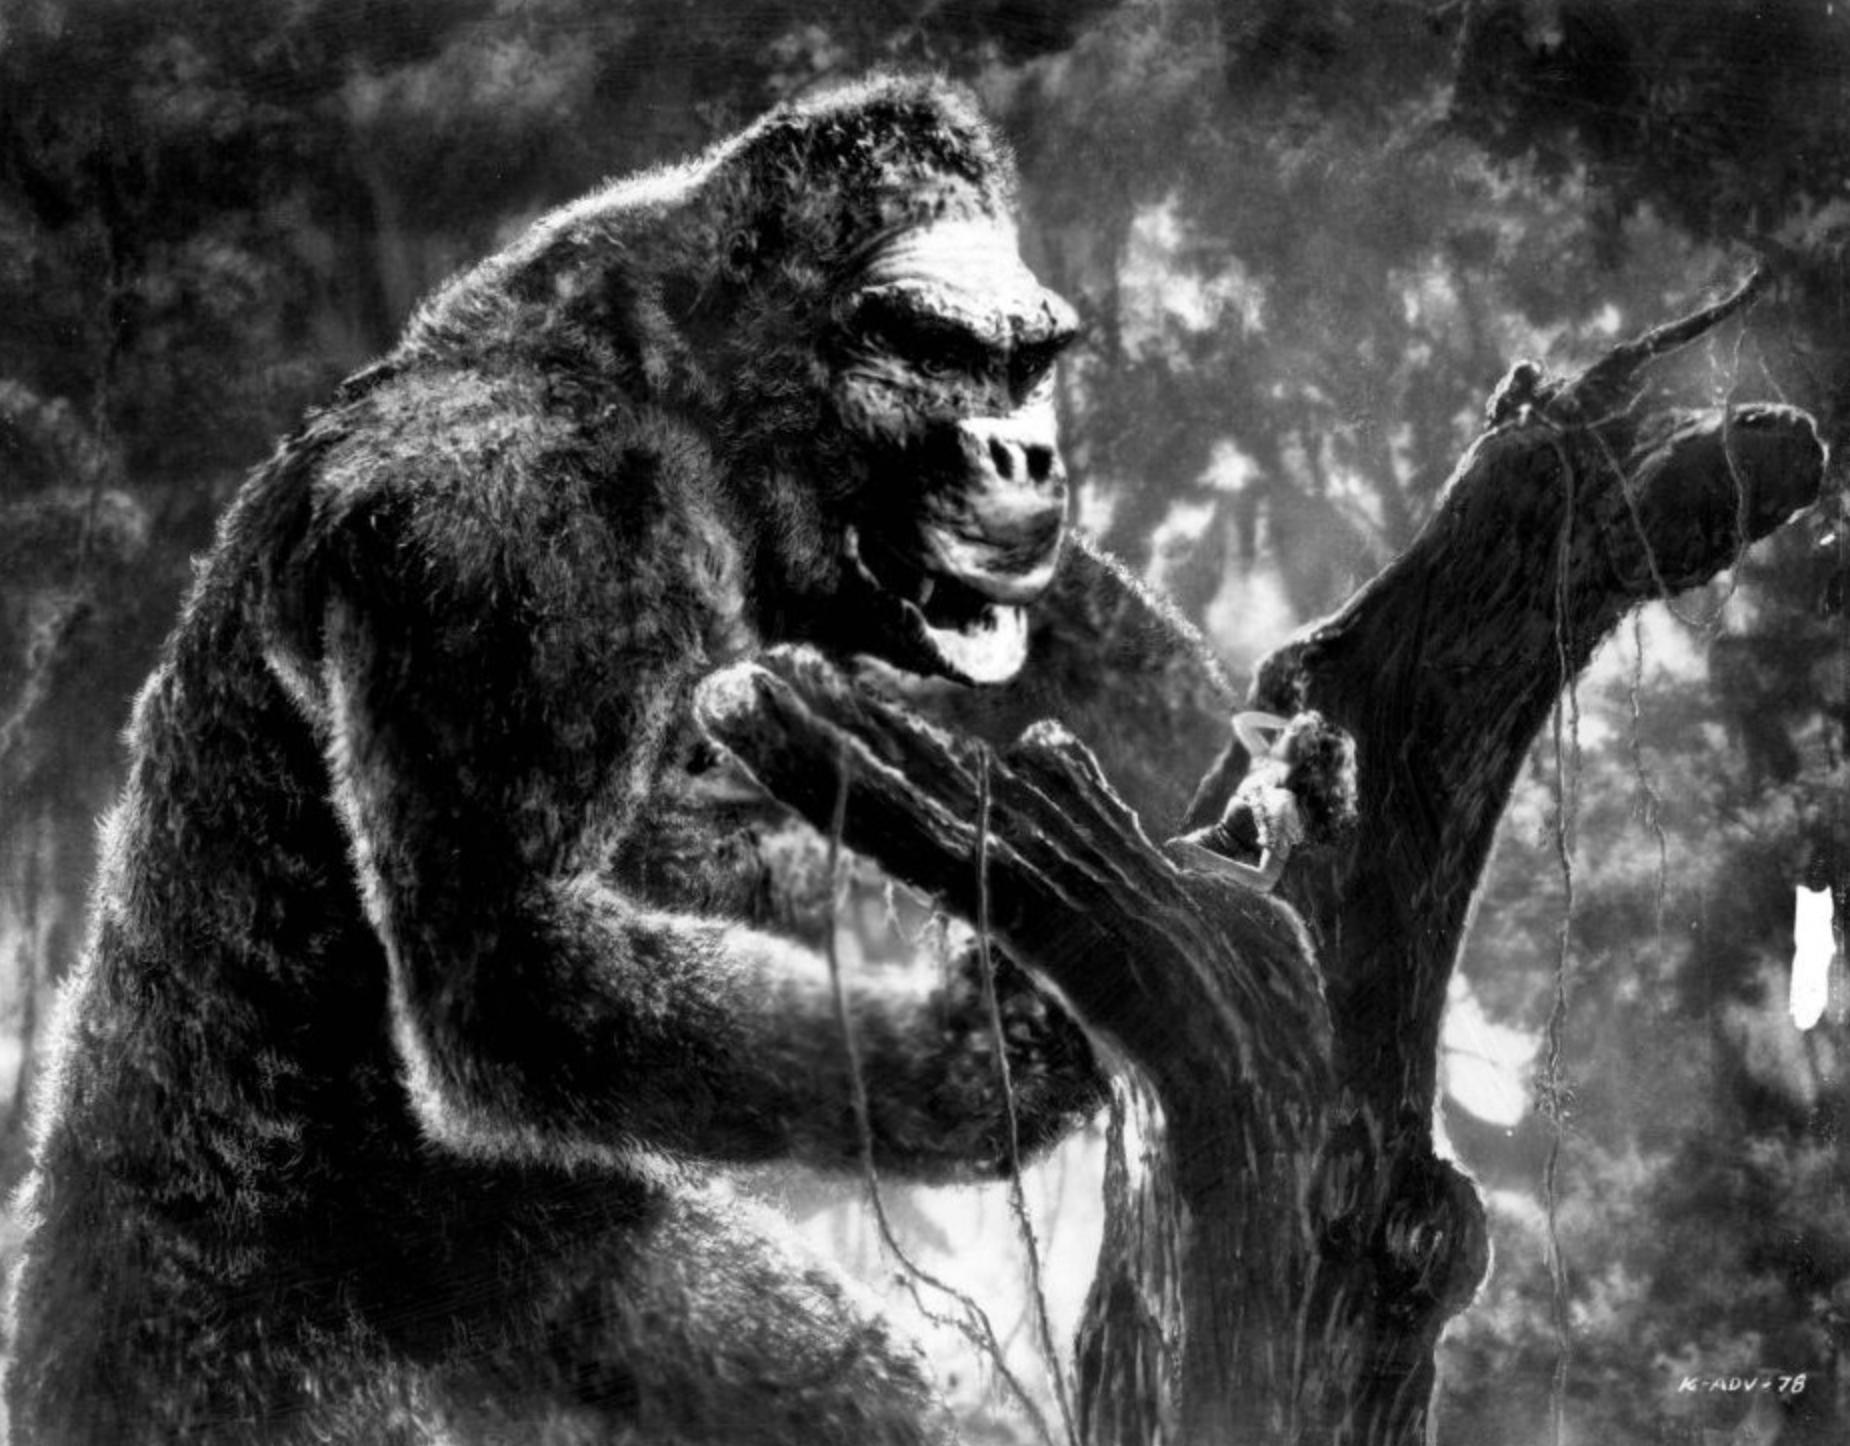 MN90: The Gorilla Picture